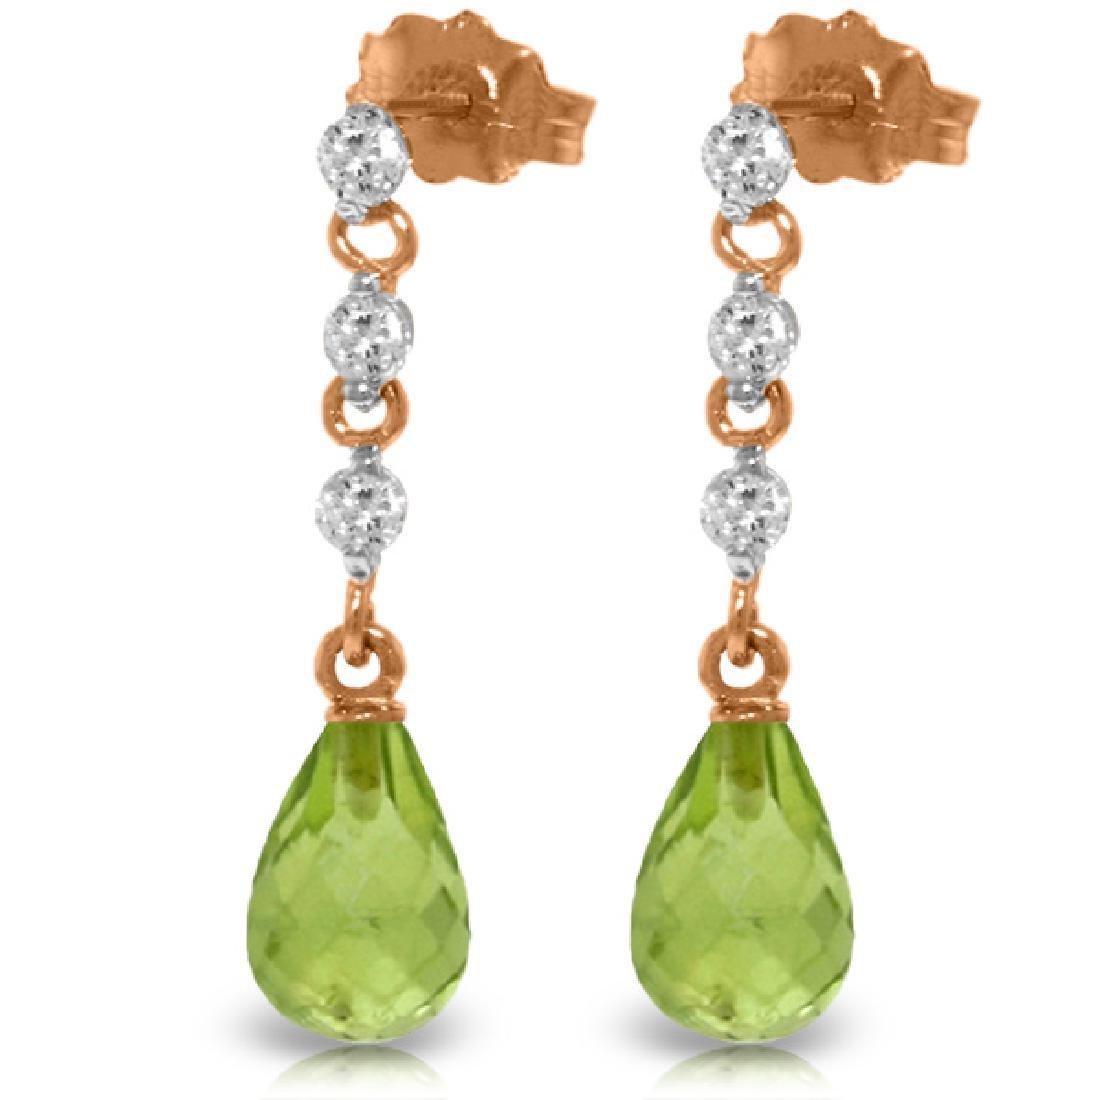 Genuine 3.3 ctw Peridot & Diamond Earrings Jewelry 14KT